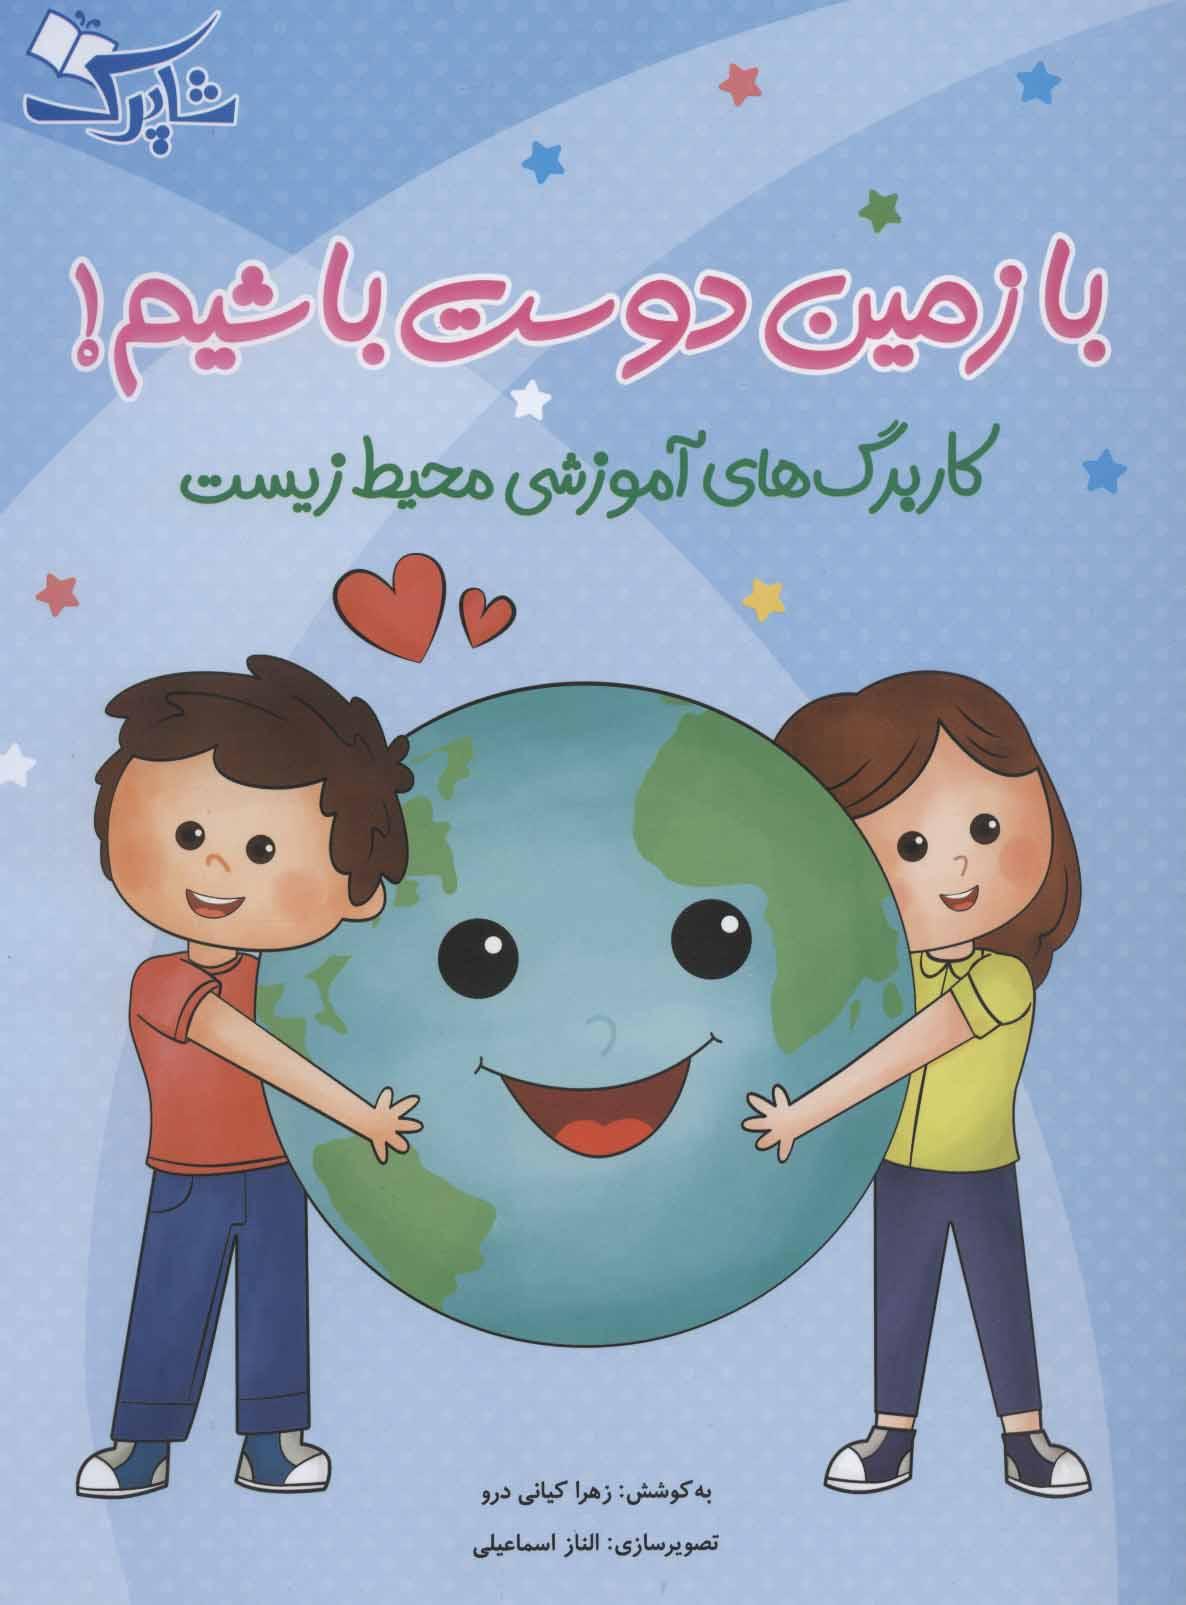 کتاب با زمین دوست باشیم: کاربرگهای آموزشی محیط زیست